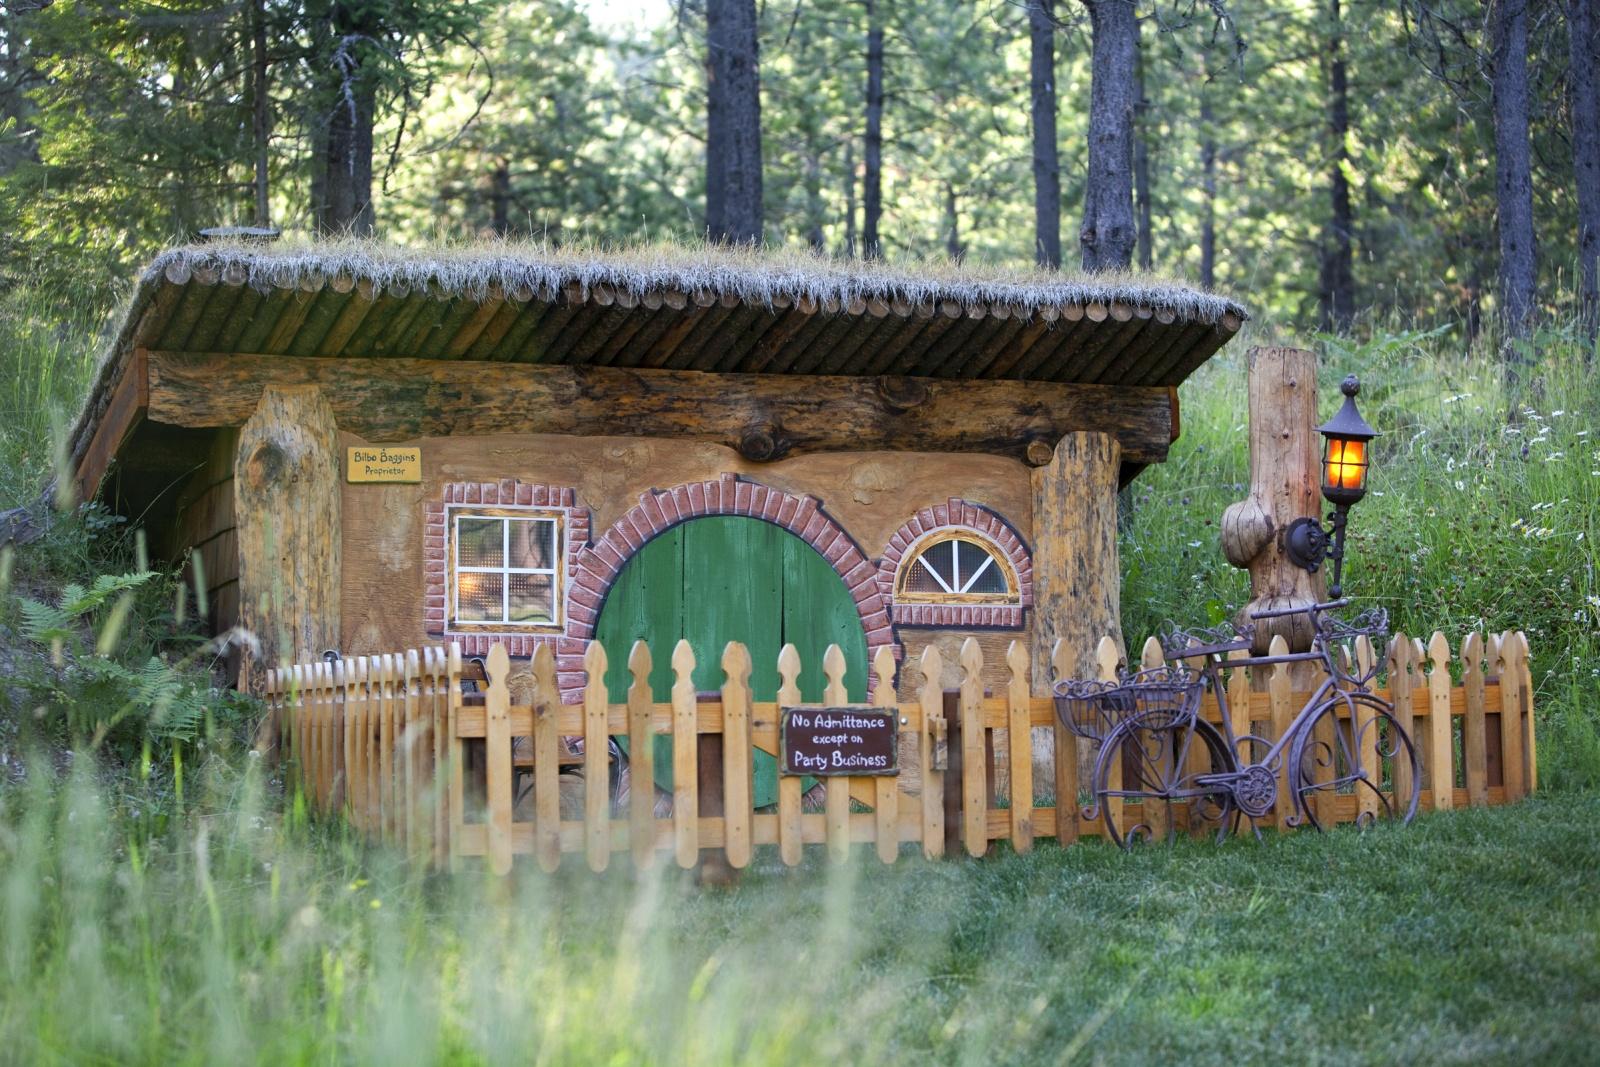 Real Hobbit House besides Hobbit House besides Bilbo Baggins Hobbit House additionally Bilbo Baggins Quotes Hobbit moreover Bilbo Baggins Hobbit House. on bilbo baggins hobbit house plans